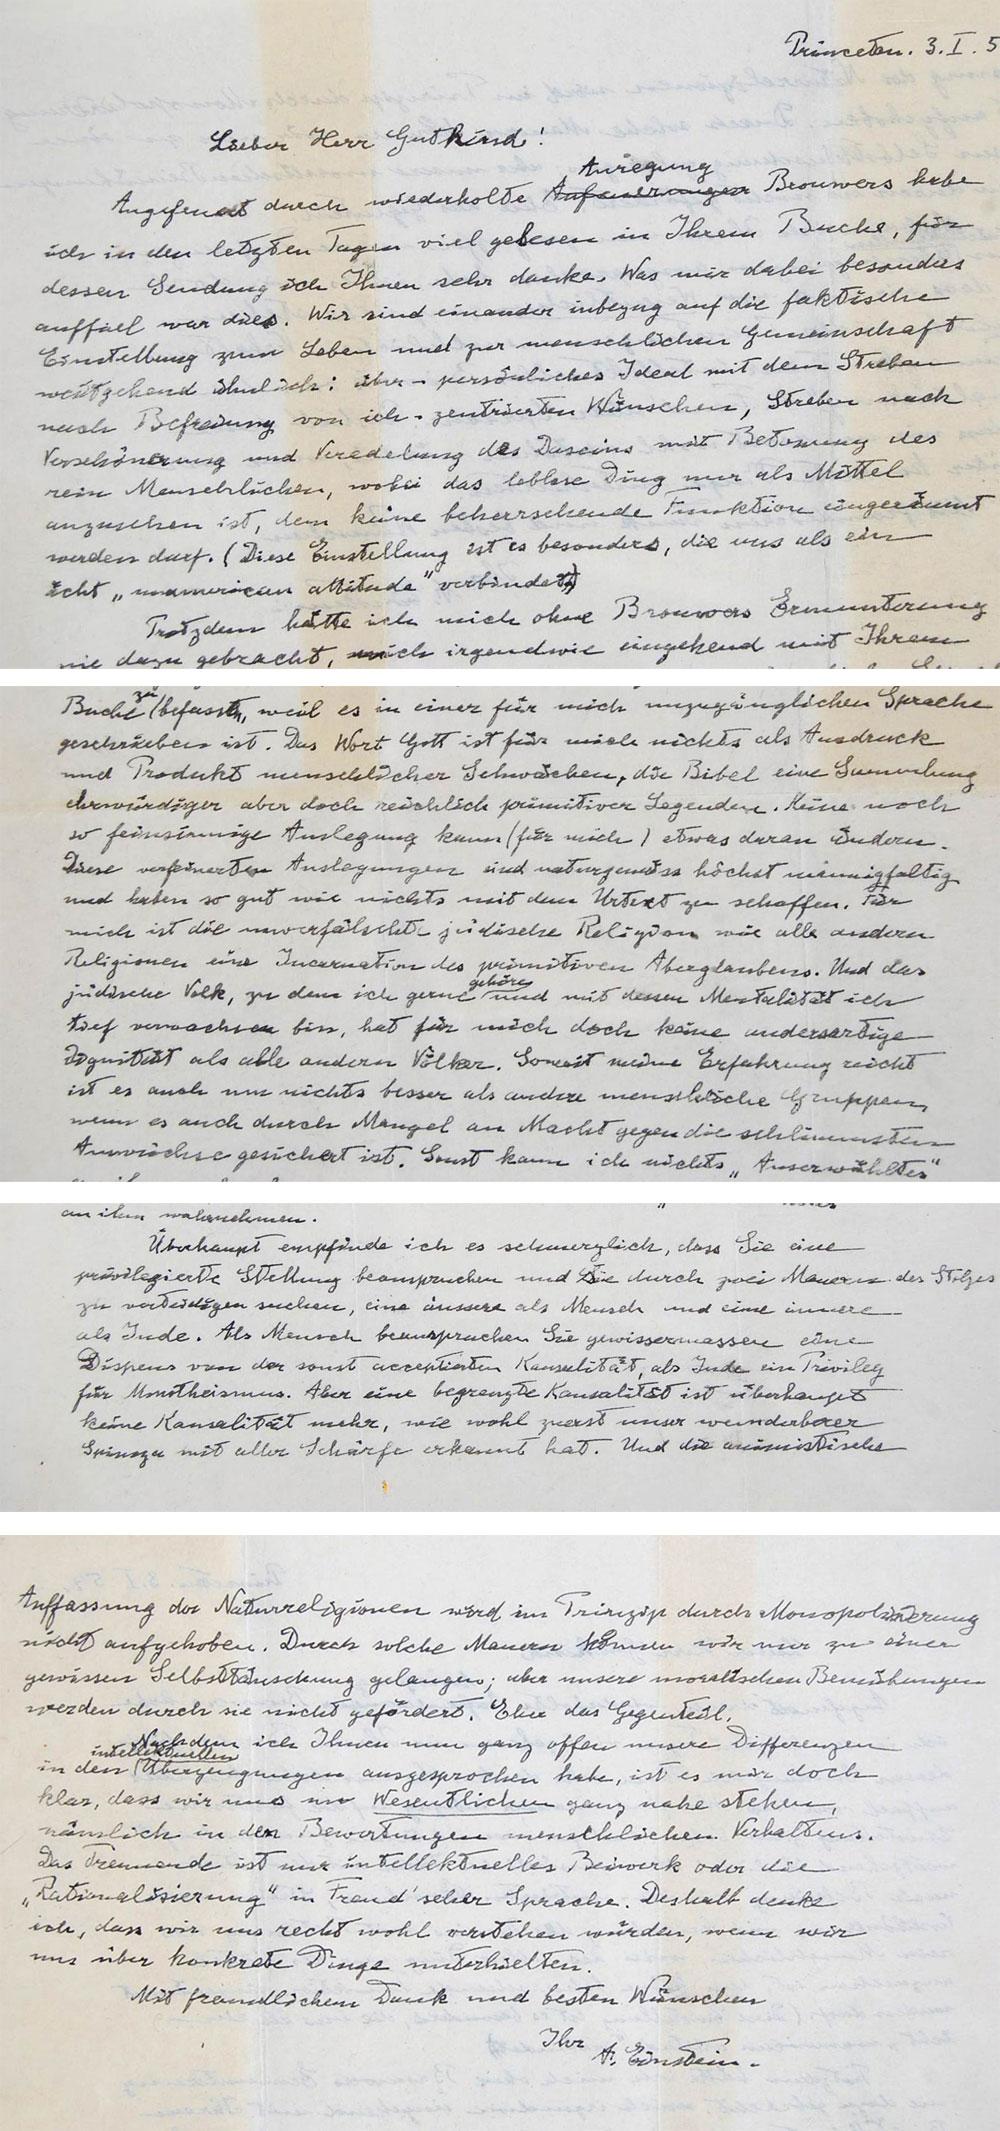 Albert Einstein's handwritten letter